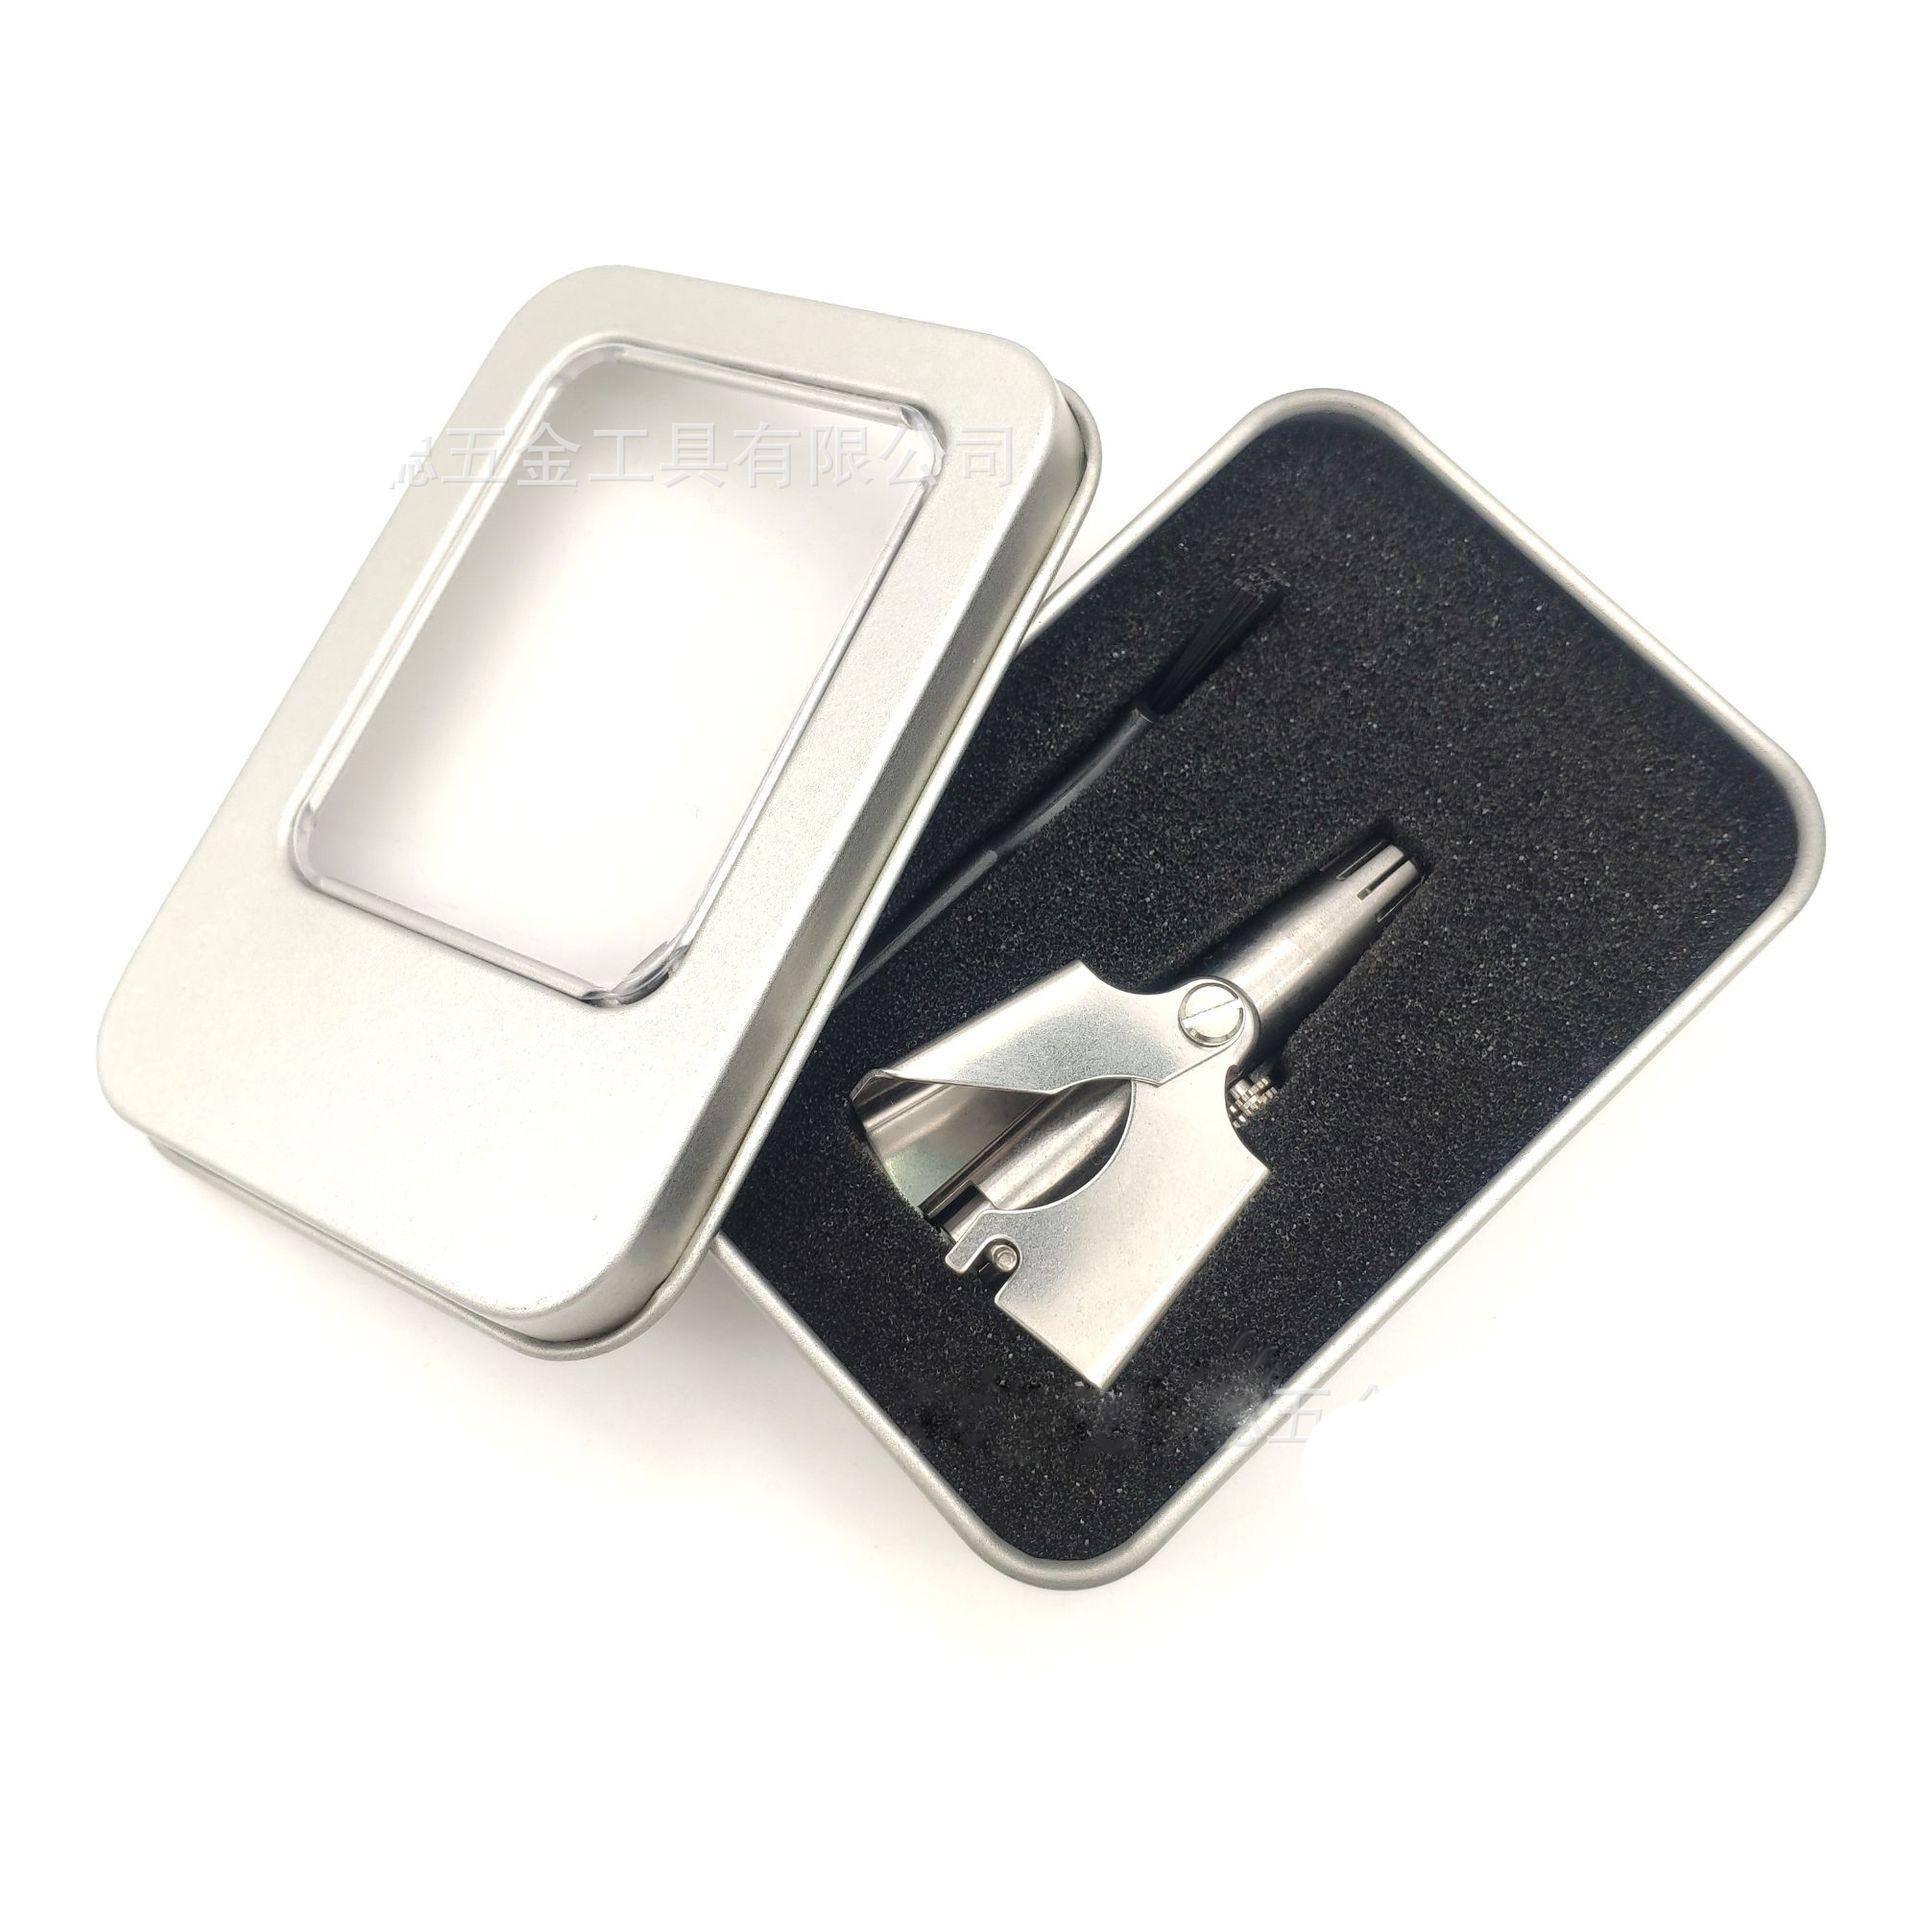 Dụng cụ cắt tỉa lông mũi Kemei 12 lưỡi bằng thép không gỉ cao cấp tiện dụng